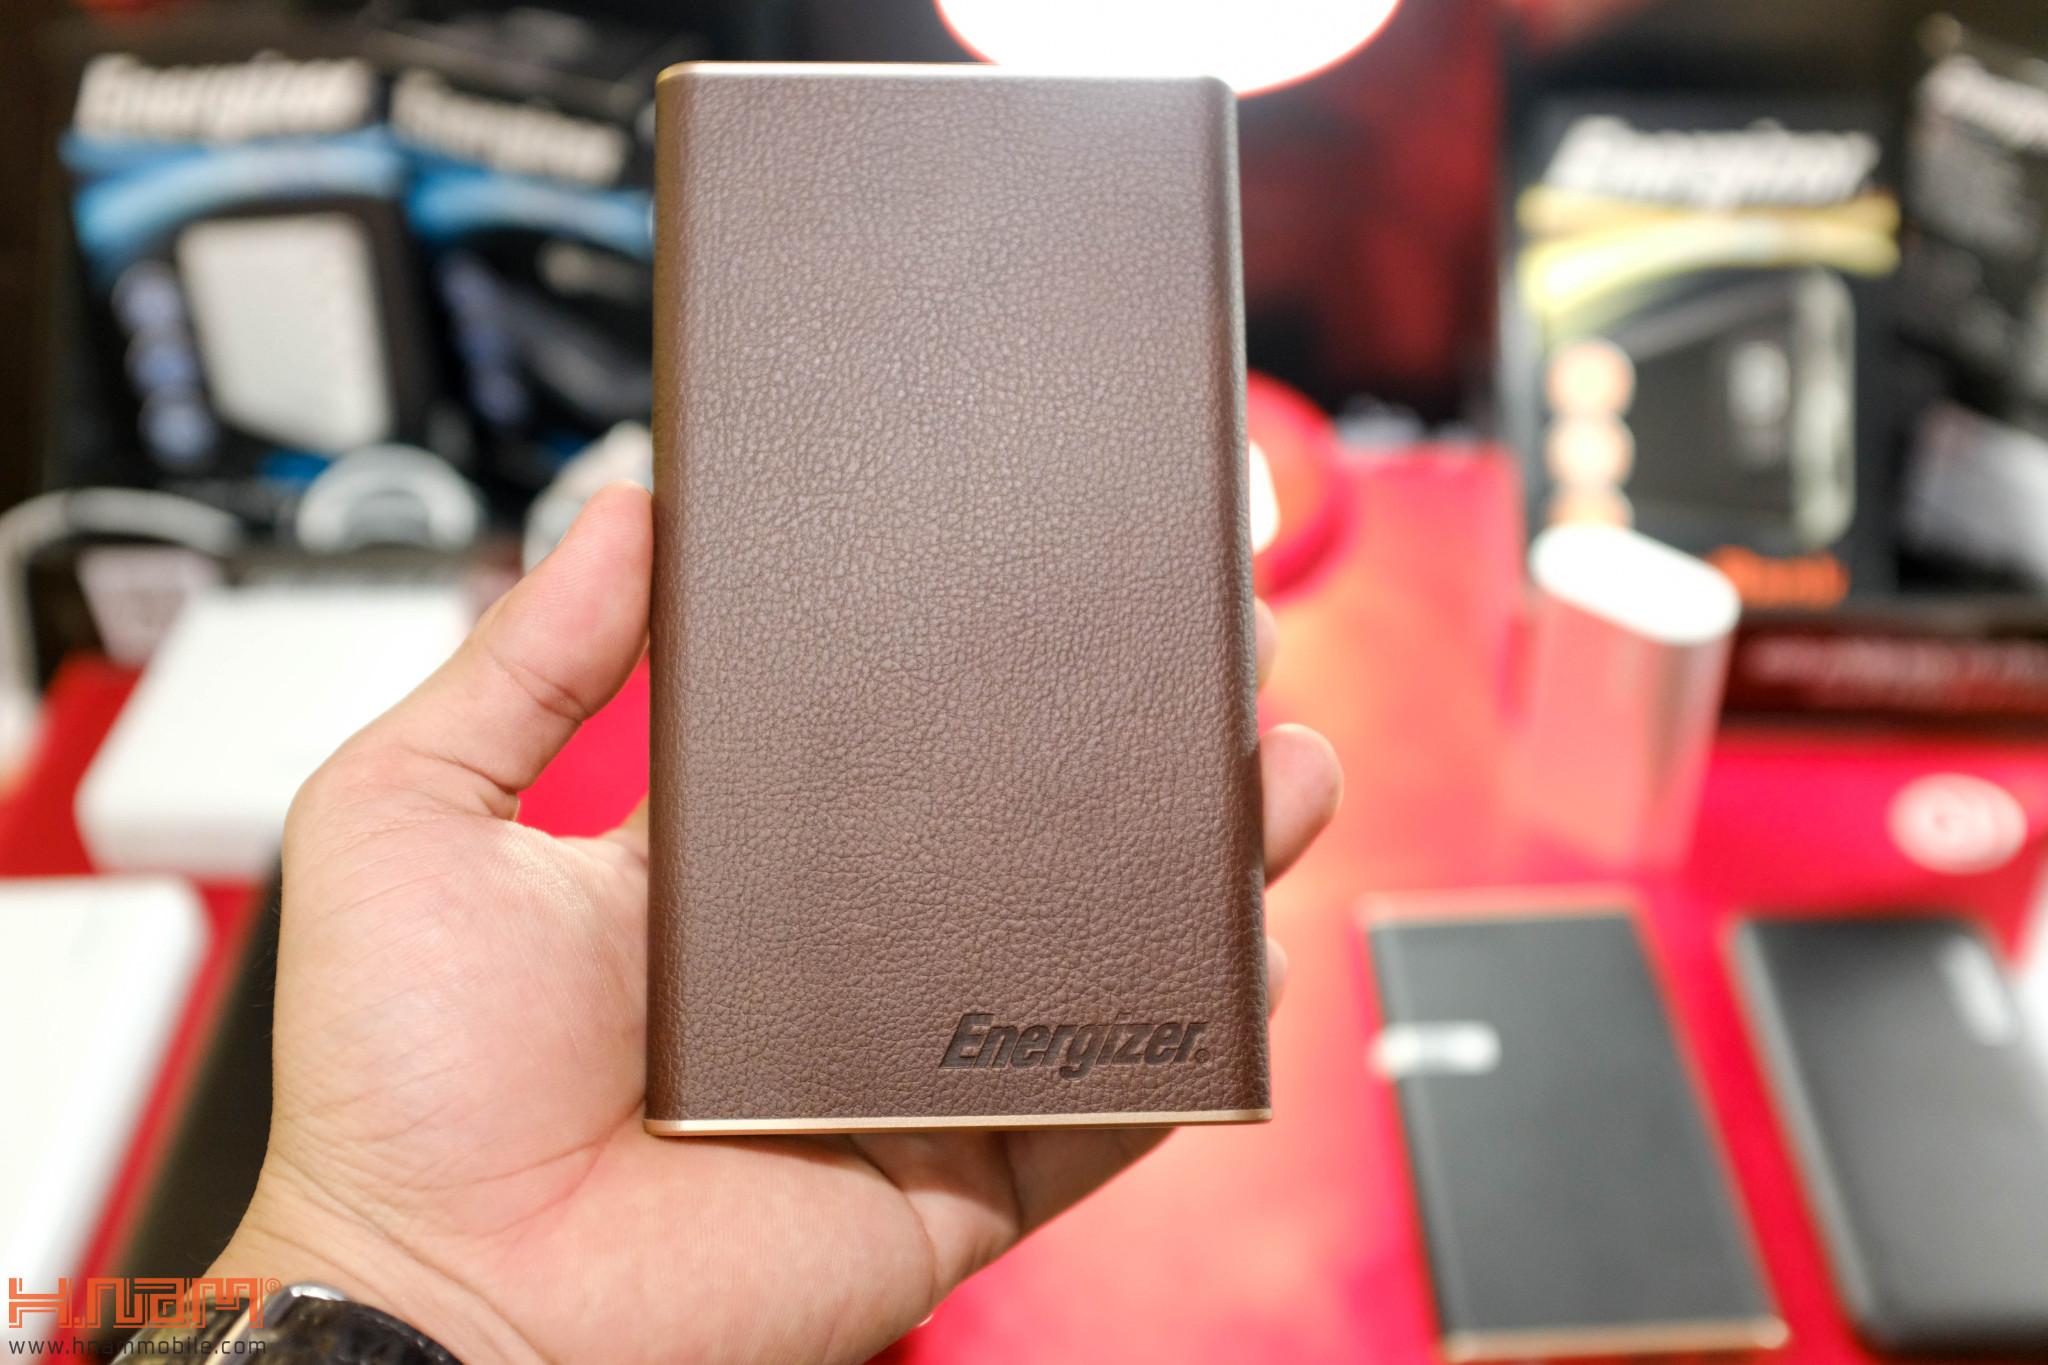 Energizer ra mắt 5 mẫu pin dự phòng mới tại Việt Nam: Bảo hành 2 năm 1 đổi 1, giá từ 800.000Đ hình 12